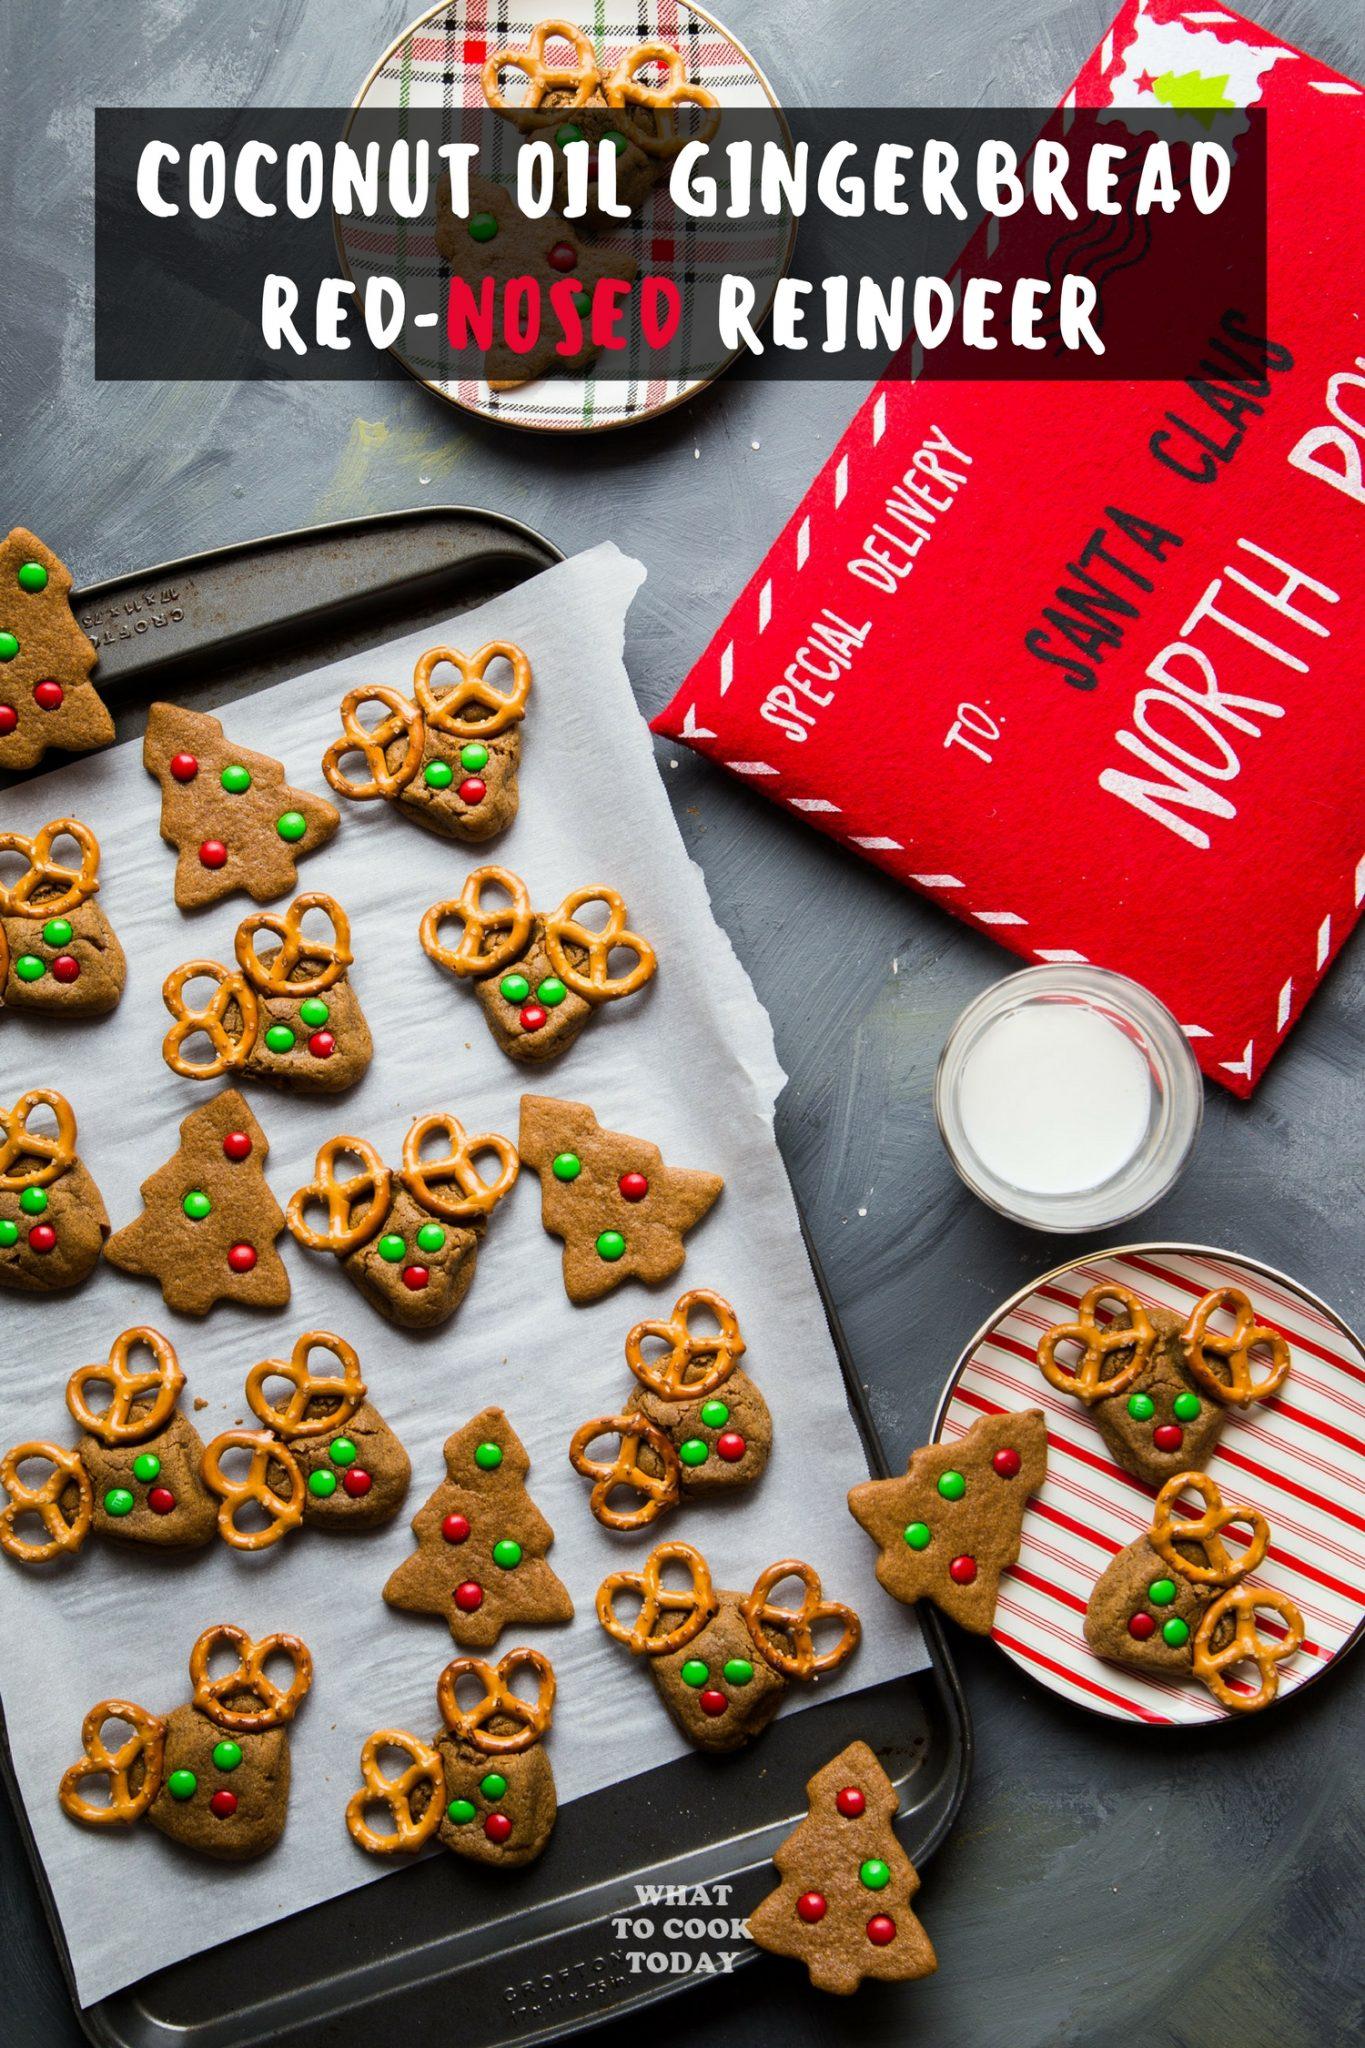 Coconut Oil Gingerbread Red-Nosed Reindeer #gingerbread #christmas #cookies #reindeer #cutefood